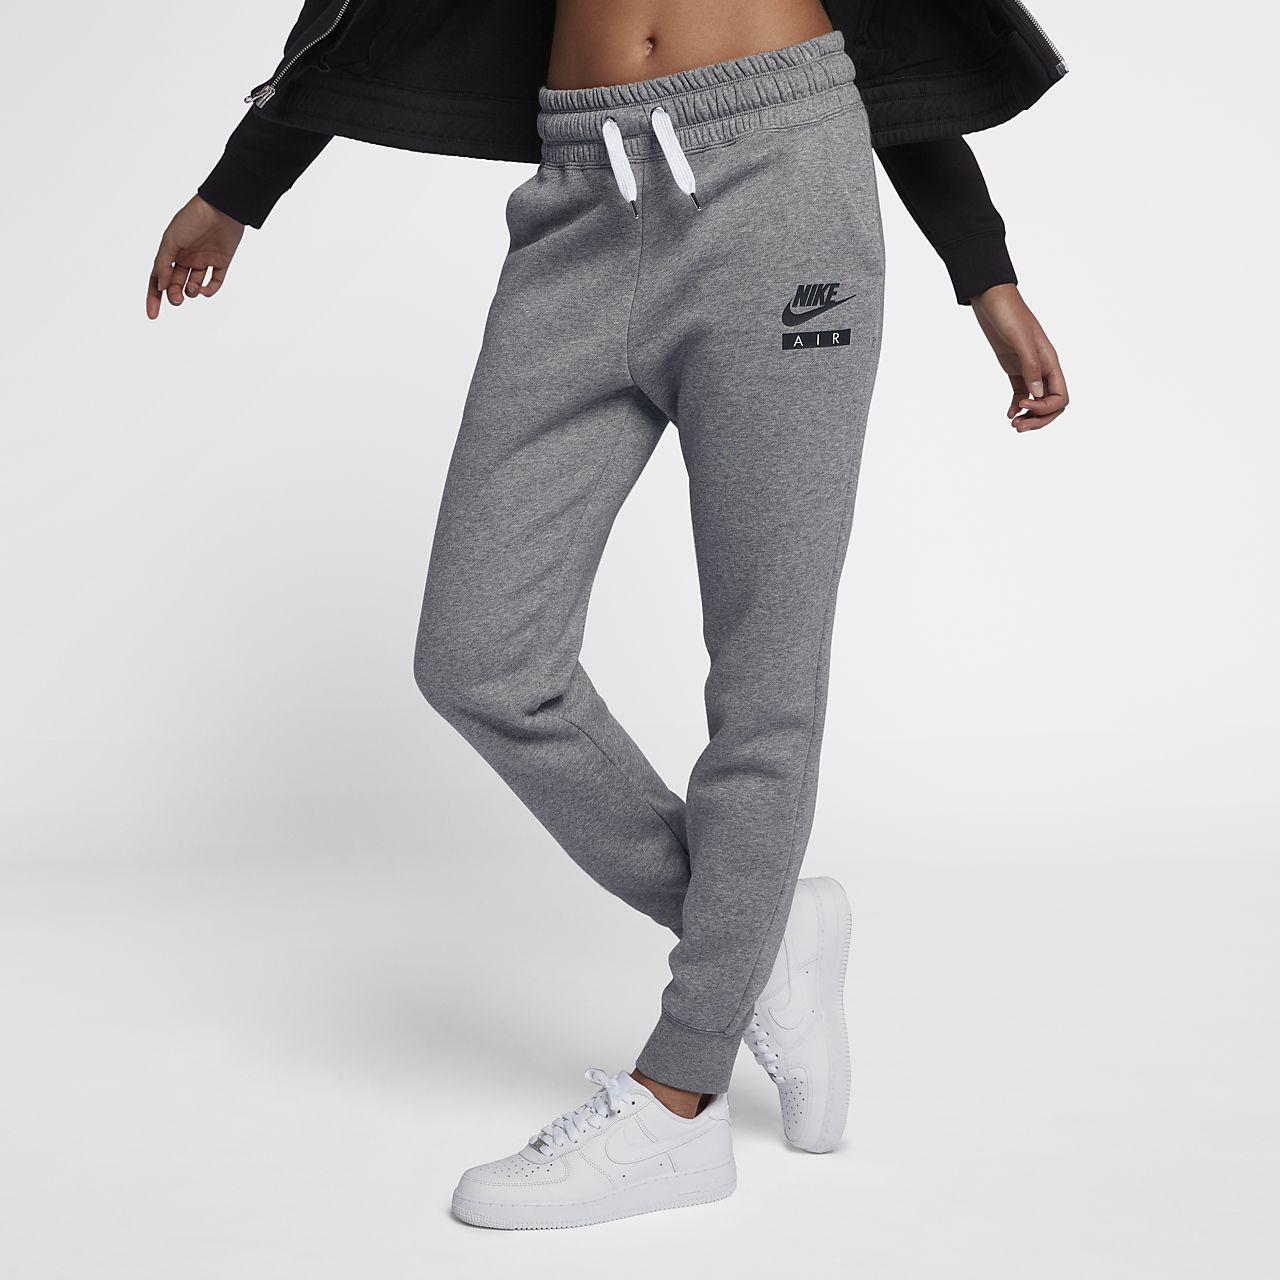 donna pantaloni nike